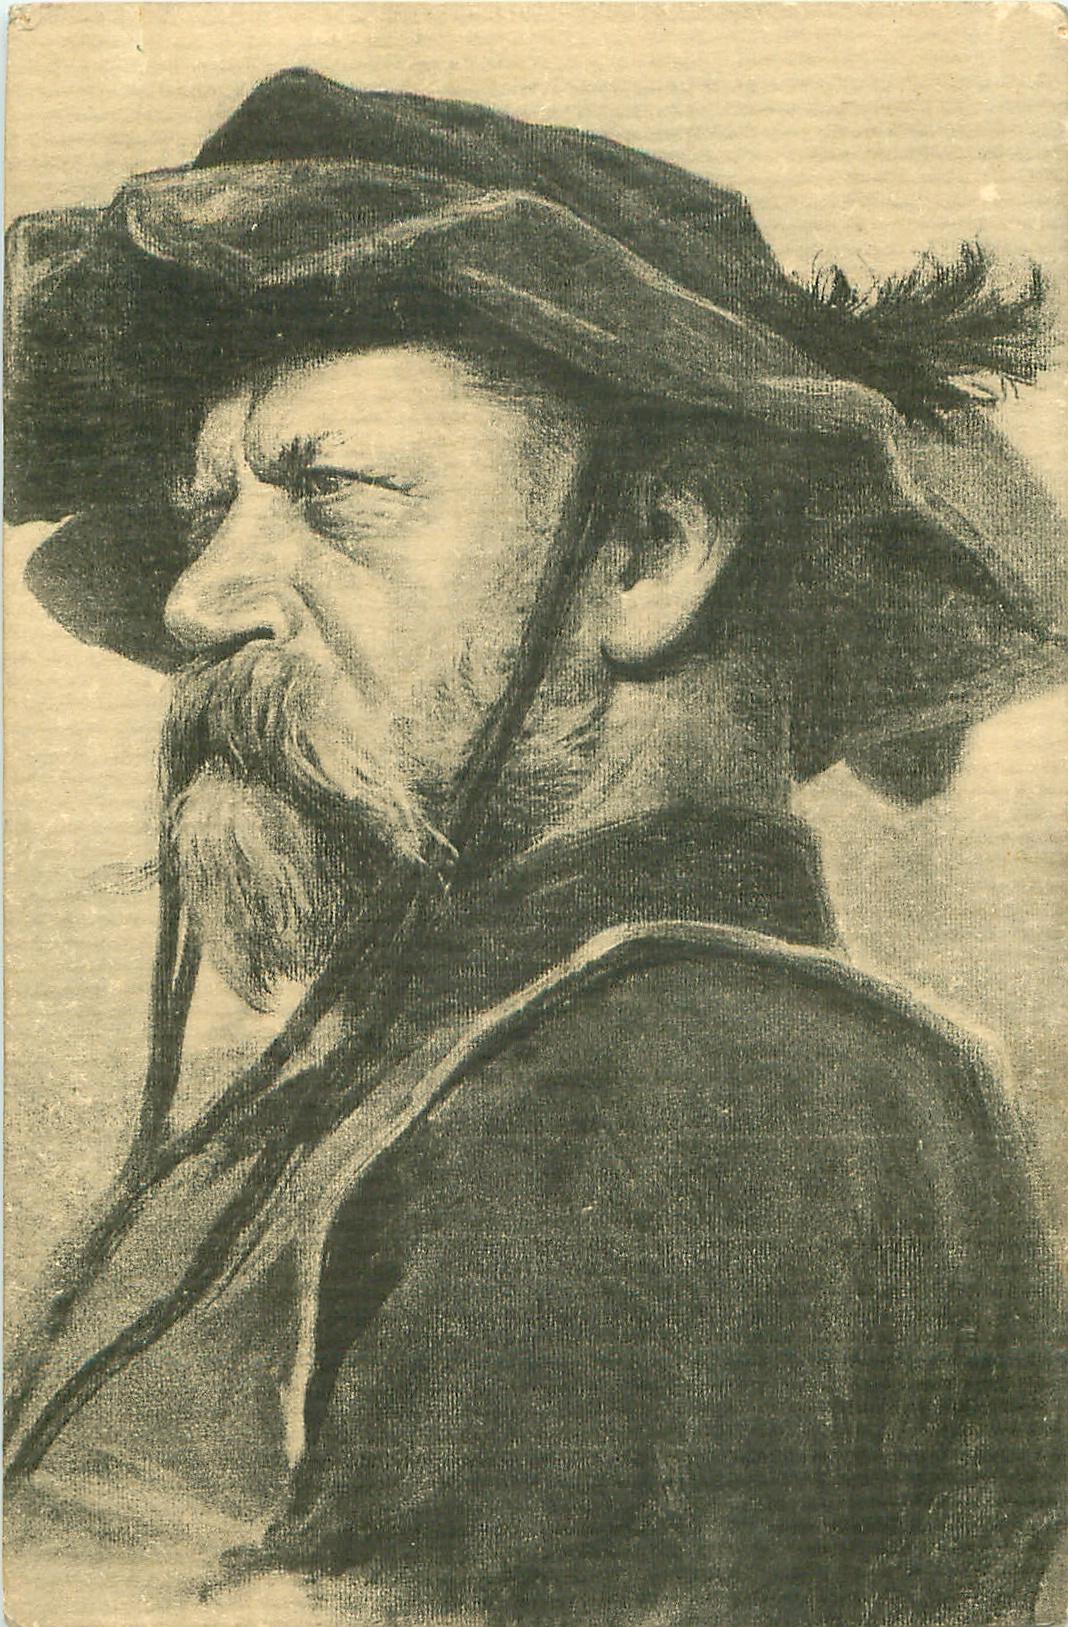 head & shoulders of man facing & looking left, wearing hat secured by strings dangling below chin